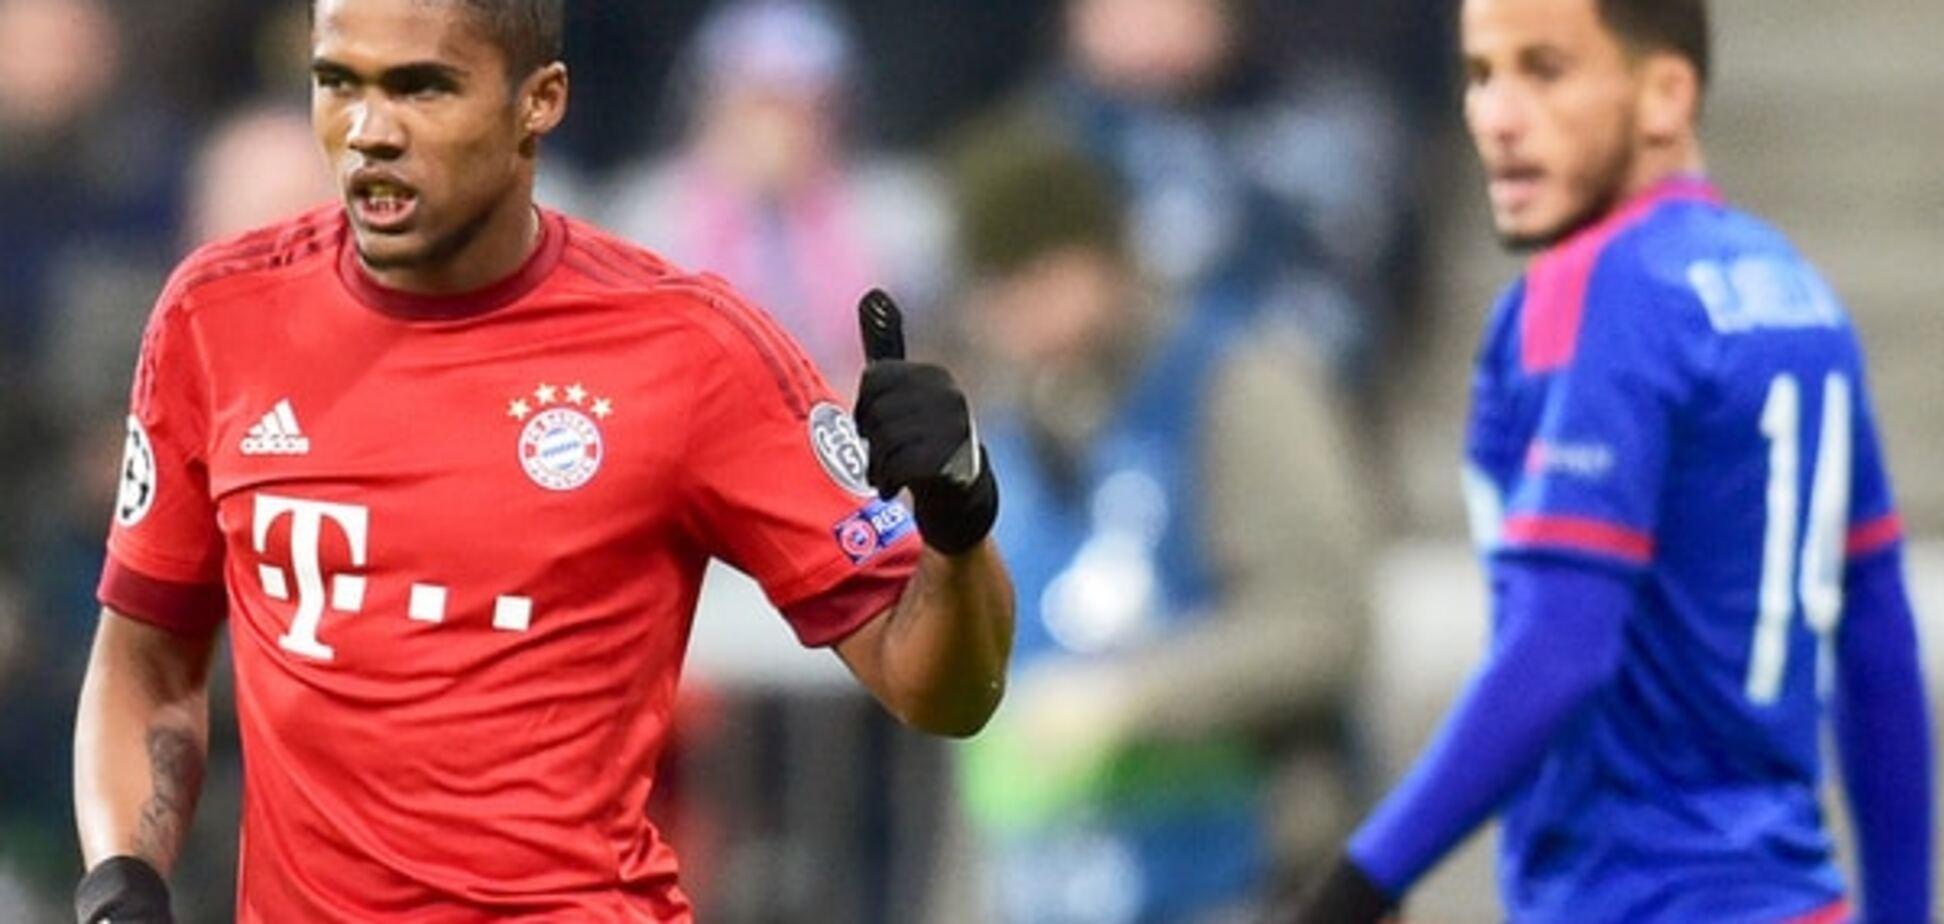 Колишній футболіст 'Шахтаря' забив класний гол за 'Баварію' у Лізі чемпіонів